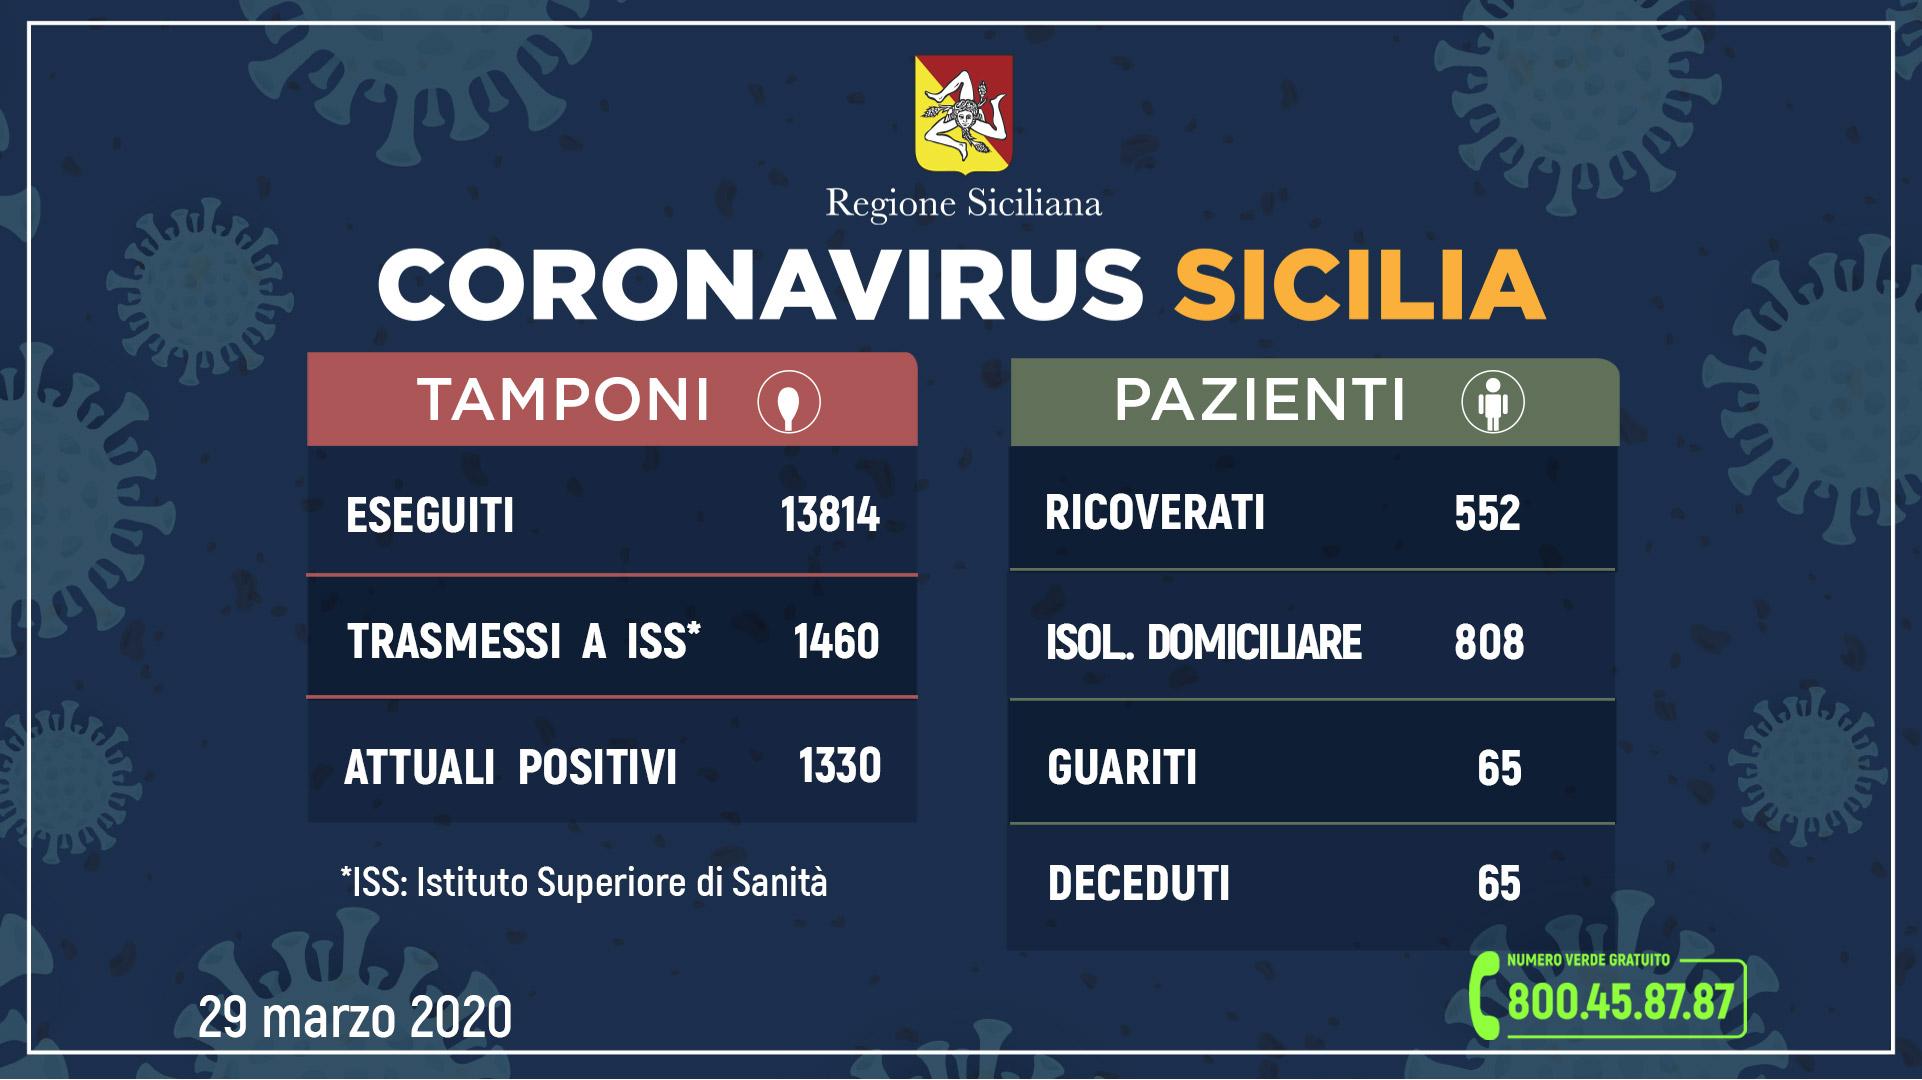 Coronavirus: l'aggiornamento del 29 marzo: in Sicilia, 1.330 attuali positivi e 65 guariti